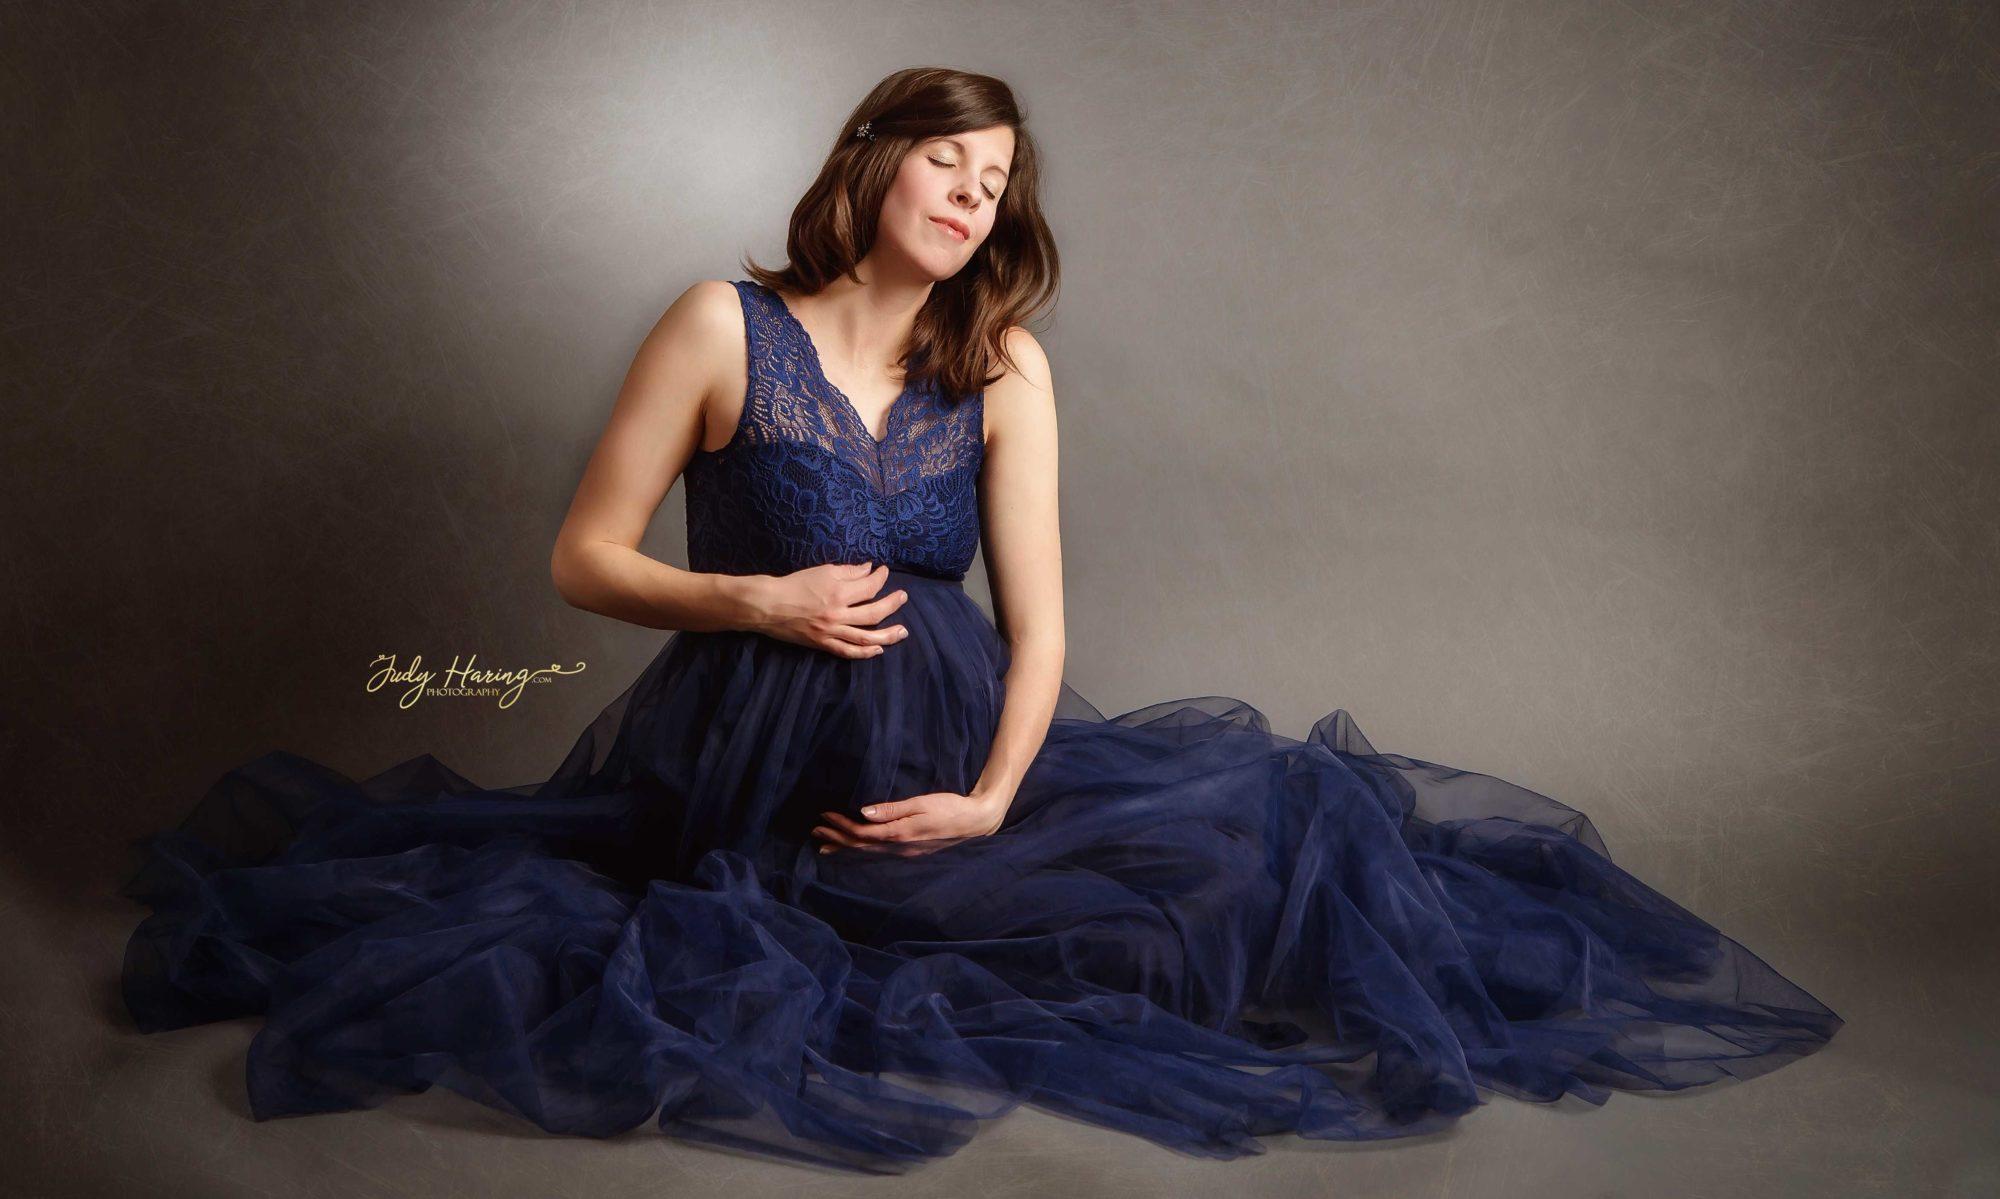 Judy Haring - Photography